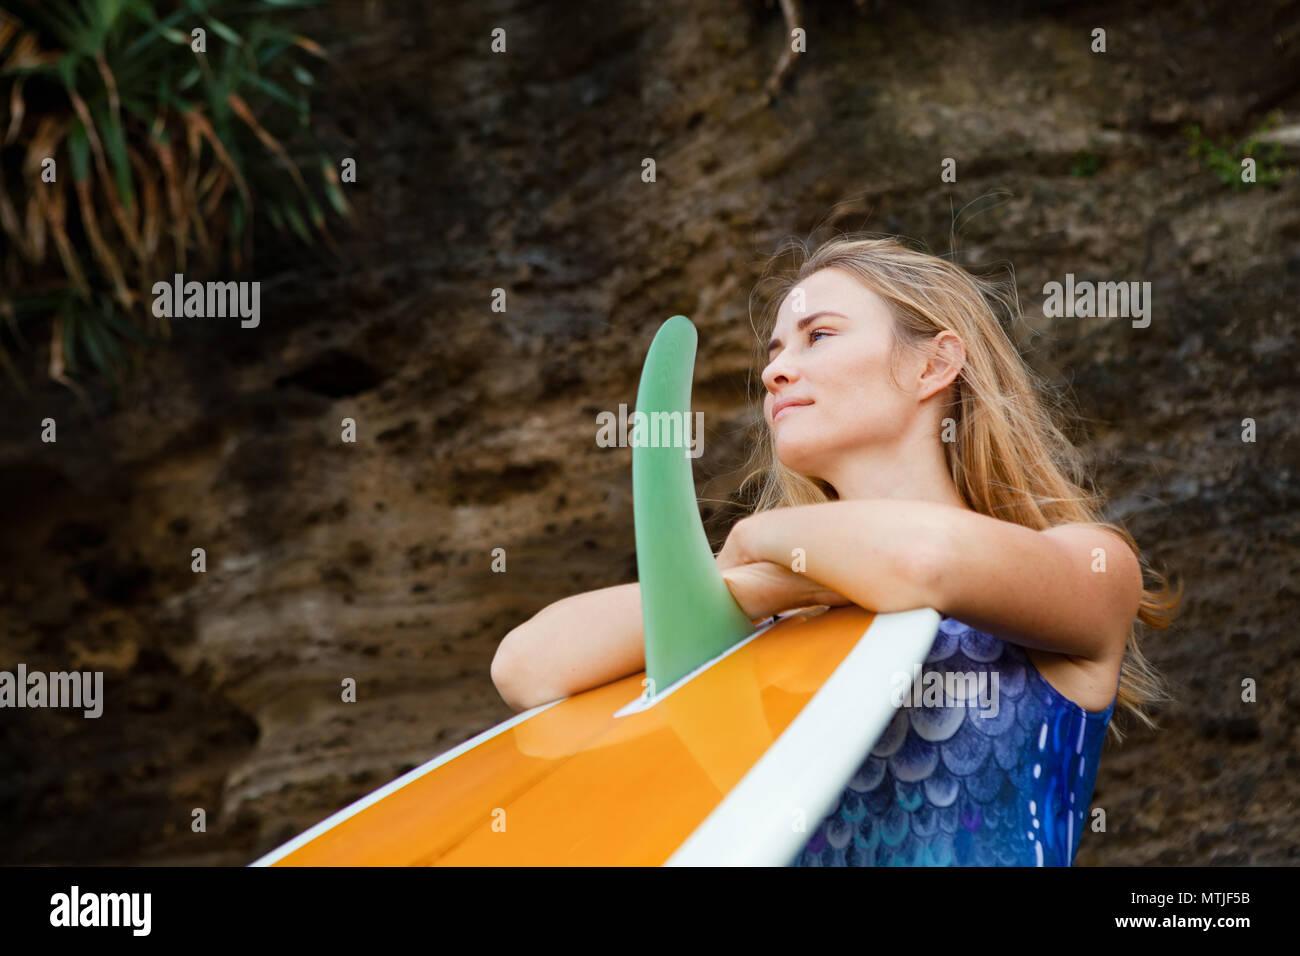 Fille sportive en bikini with surfboard stand by falaise noire sur la plage. Femme Surfer en mer surf et vagues. Les personnes actives dans le sport aventure Photo Stock